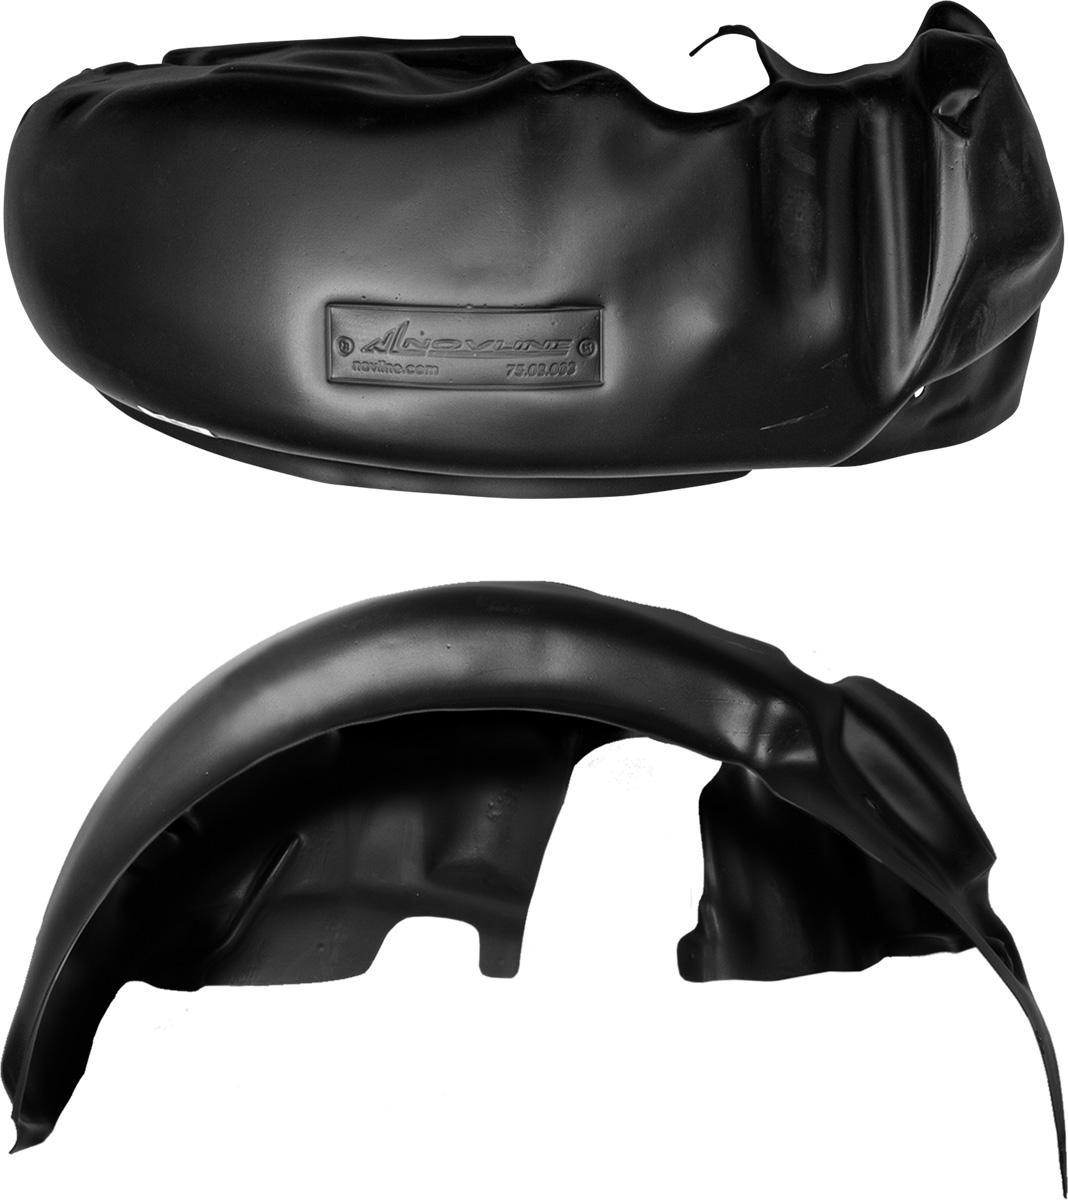 Подкрылок Novline-Autofamily, для Mitsubishi ASX, 2010-2013, 2013->, передний левыйNLL.35.27.001Колесные ниши - одни из самых уязвимых зон днища вашего автомобиля. Они постоянно подвергаются воздействию со стороны дороги. Лучшая, почти абсолютная защита для них - специально отформованные пластиковые кожухи, которые называются подкрылками. Производятся они как для отечественных моделей автомобилей, так и для иномарок. Подкрылки Novline-Autofamily выполнены из высококачественного, экологически чистого пластика. Обеспечивают надежную защиту кузова автомобиля от пескоструйного эффекта и негативного влияния, агрессивных антигололедных реагентов. Пластик обладает более низкой теплопроводностью, чем металл, поэтому в зимний период эксплуатации использование пластиковых подкрылков позволяет лучше защитить колесные ниши от налипания снега и образования наледи. Оригинальность конструкции подчеркивает элегантность автомобиля, бережно защищает нанесенное на днище кузова антикоррозийное покрытие и позволяет осуществить крепление подкрылков внутри колесной арки практически без...